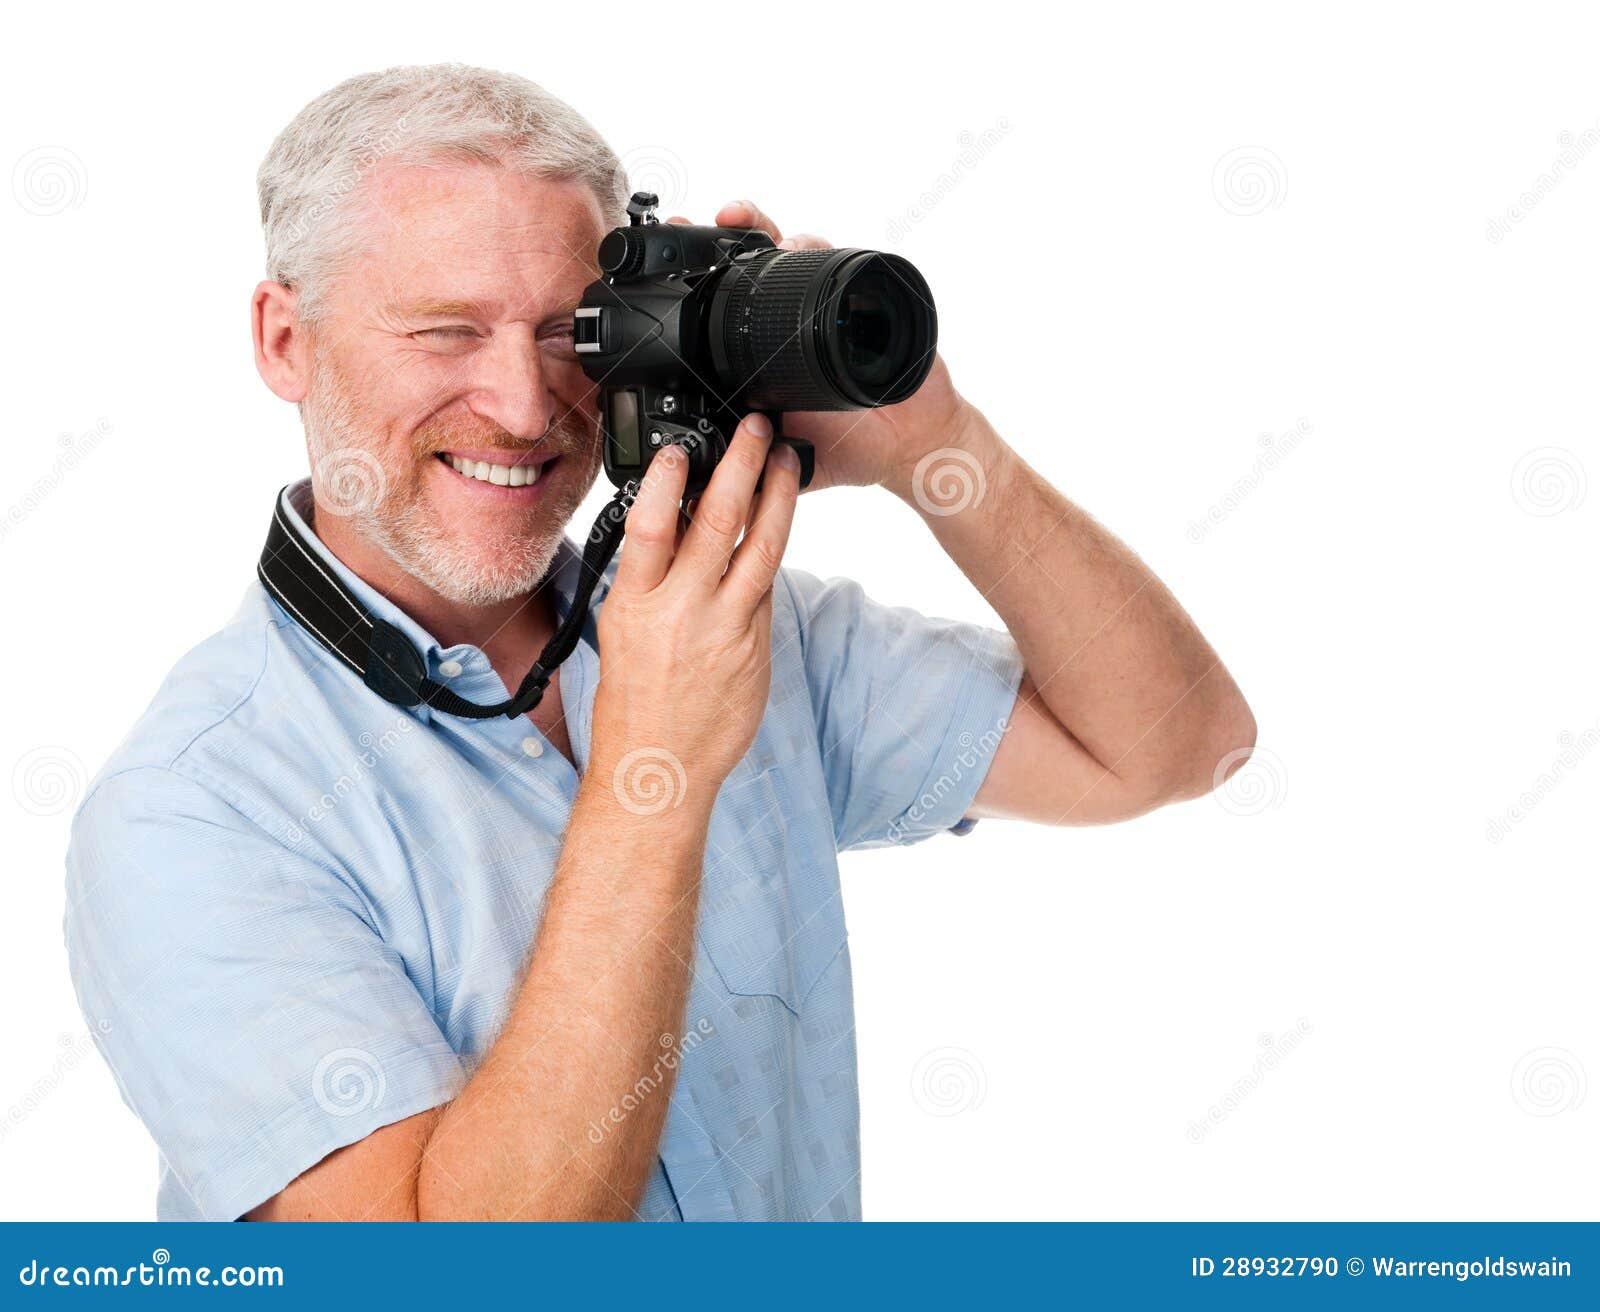 Camera Man Hobby Stock Photo - Image: 28932790